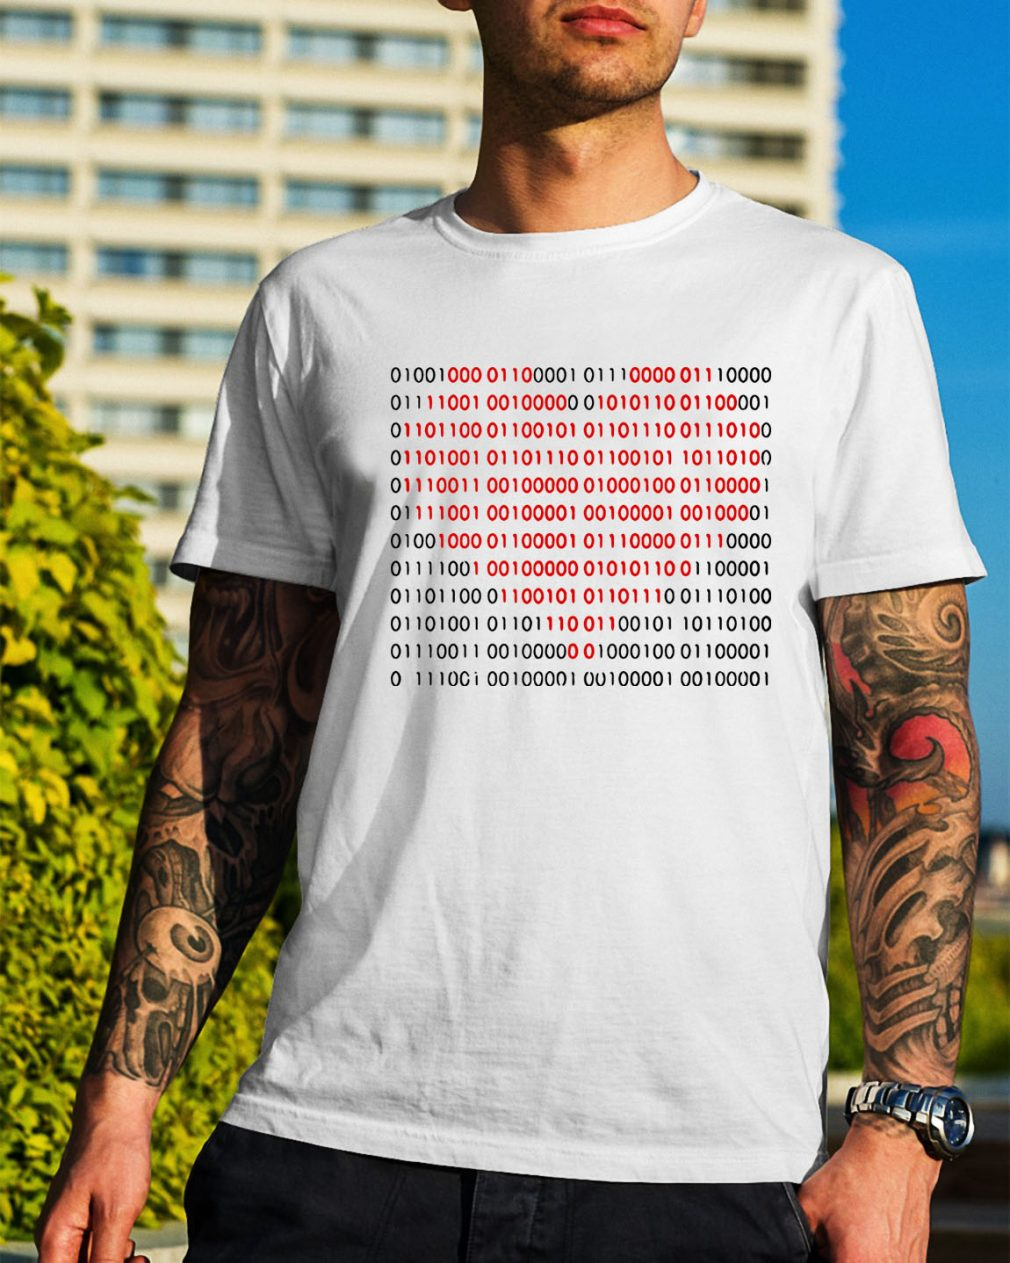 01001000 01100001 01110000 01110000 01111001 heart shirt